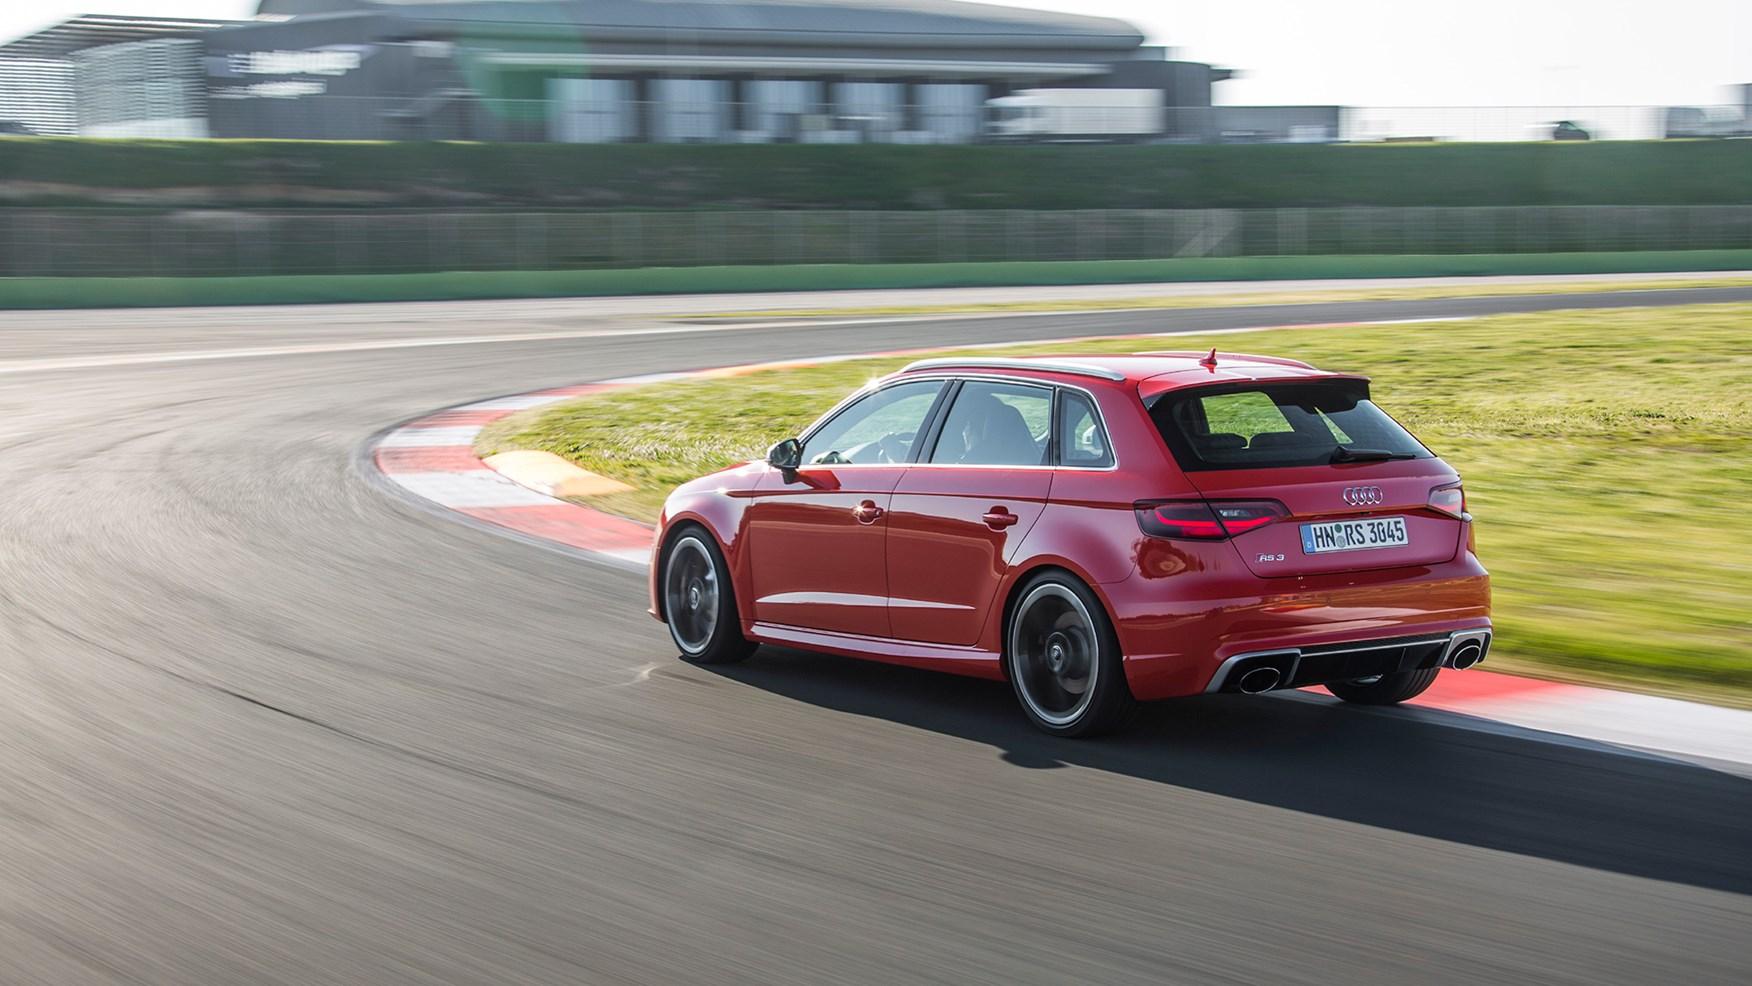 Kekurangan Audi S3 2015 Murah Berkualitas